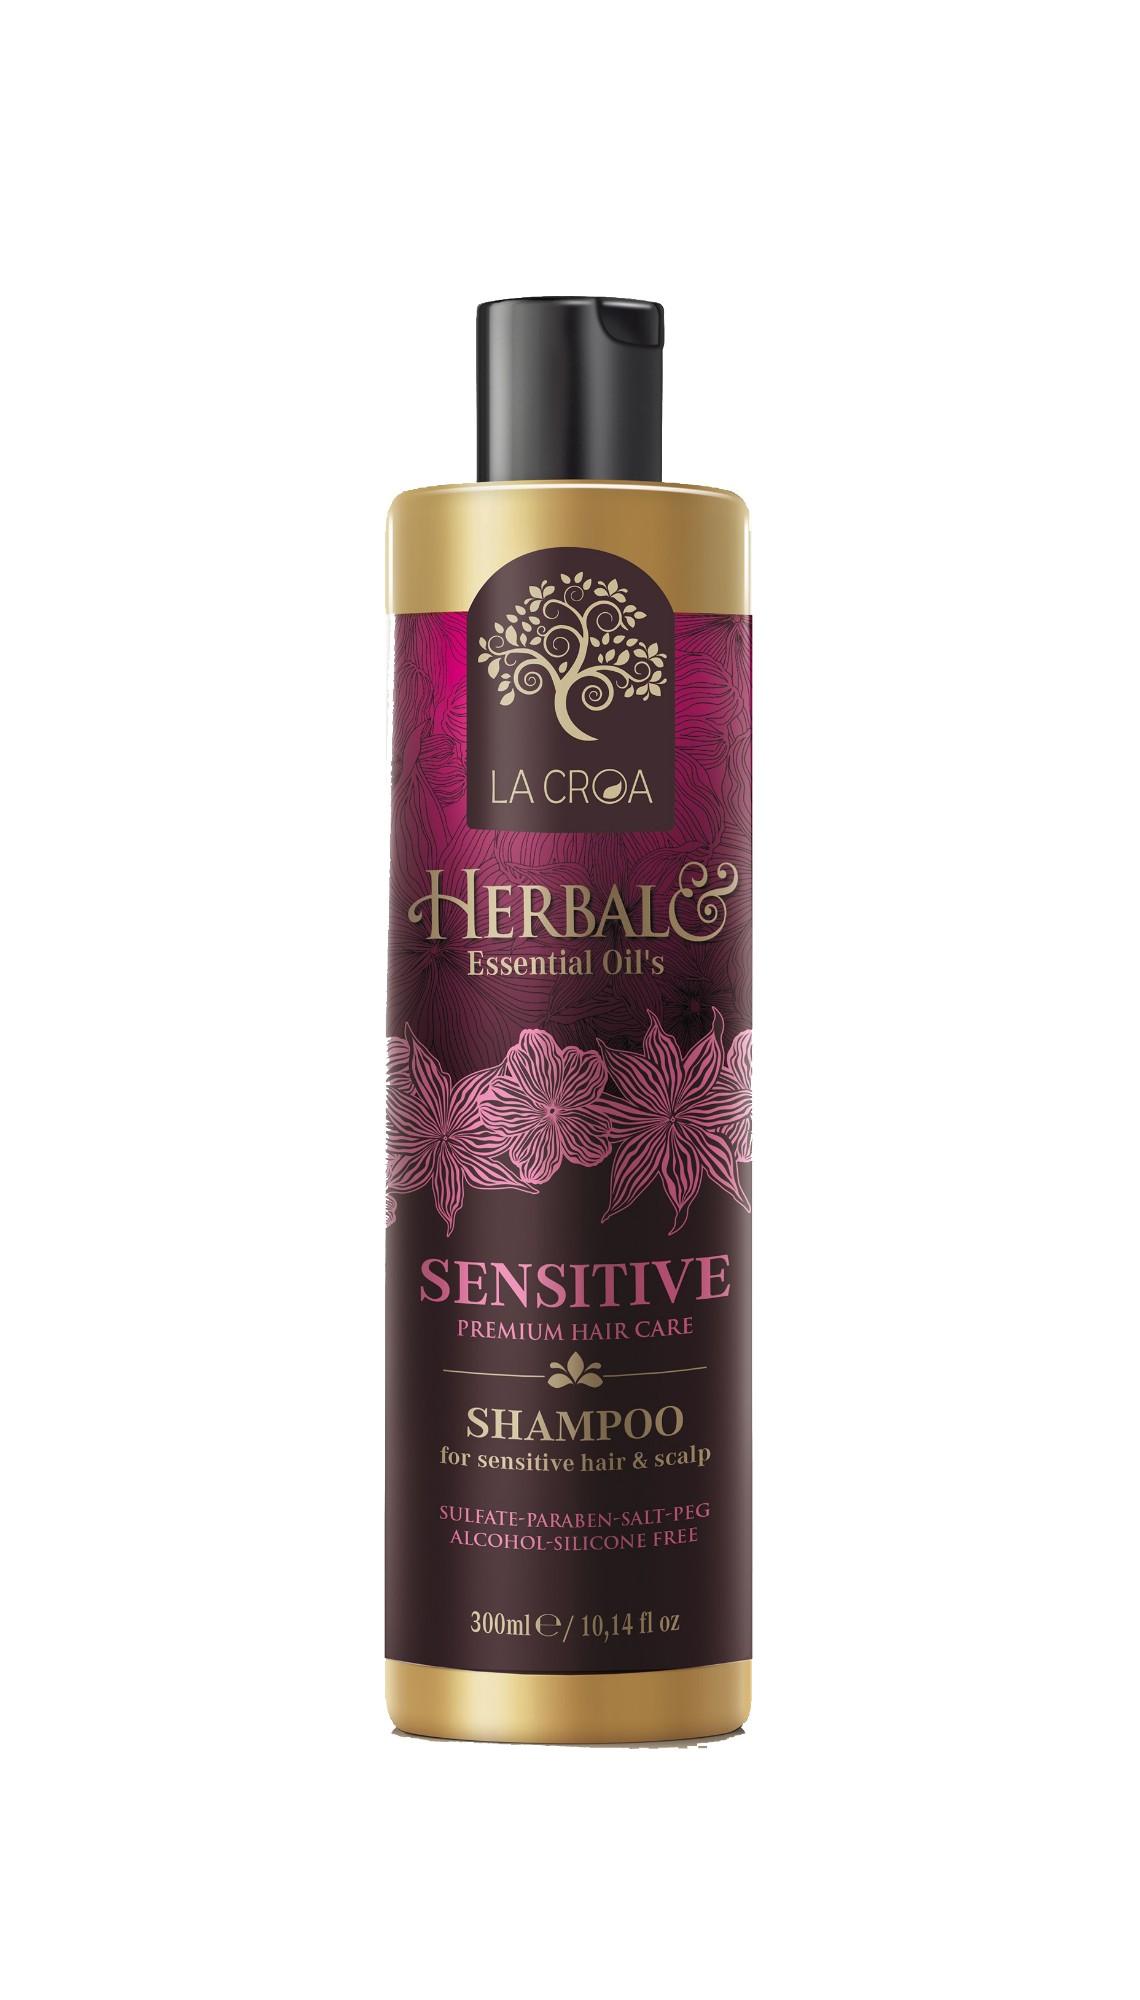 Šampūnas LA CROA HERBAL SENSITIVE jautriai galvos odai, 300 ml